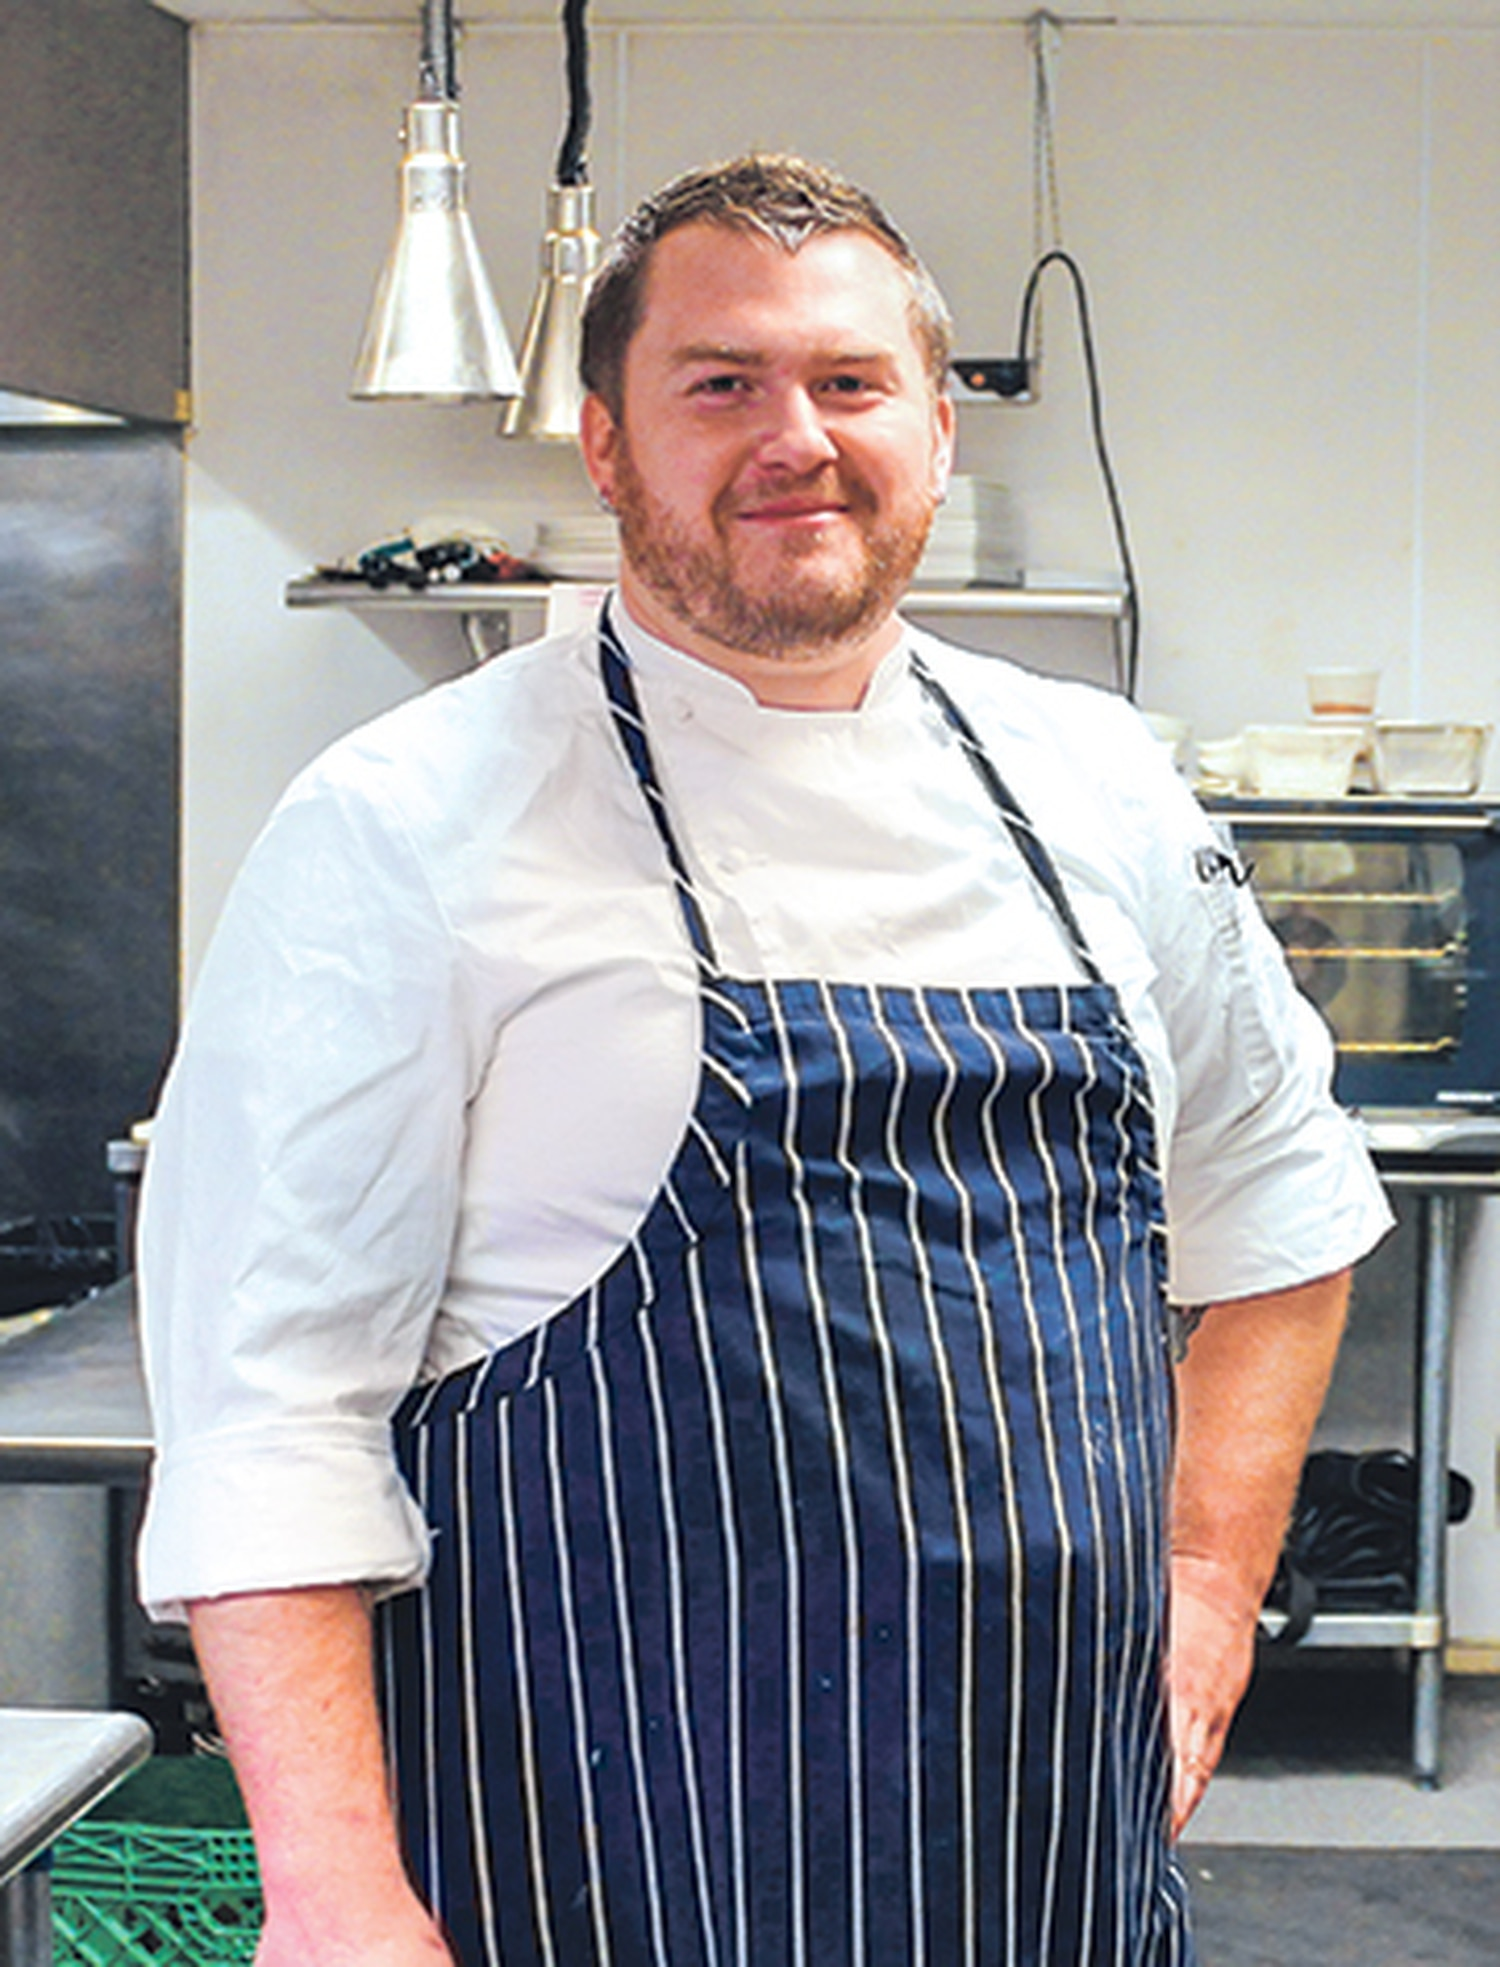 Colin Shane Born 1989 Head Chef at Arroyo Vino